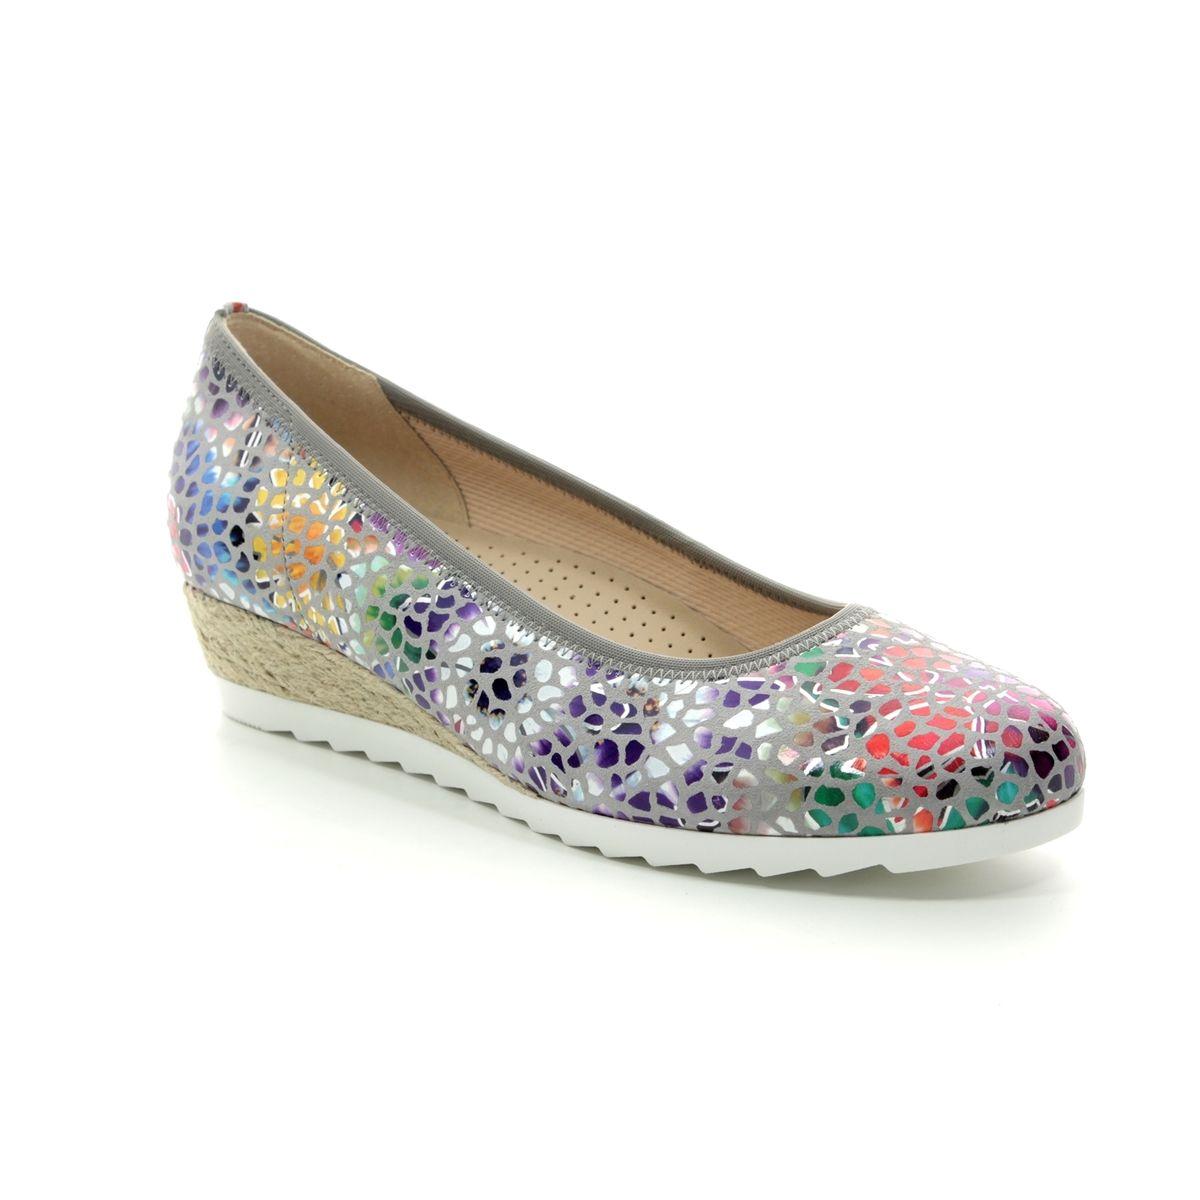 7bdd9a8ed Gabor Wedge Shoes - Grey Multi Floral - 22.641.24 EPWORTH